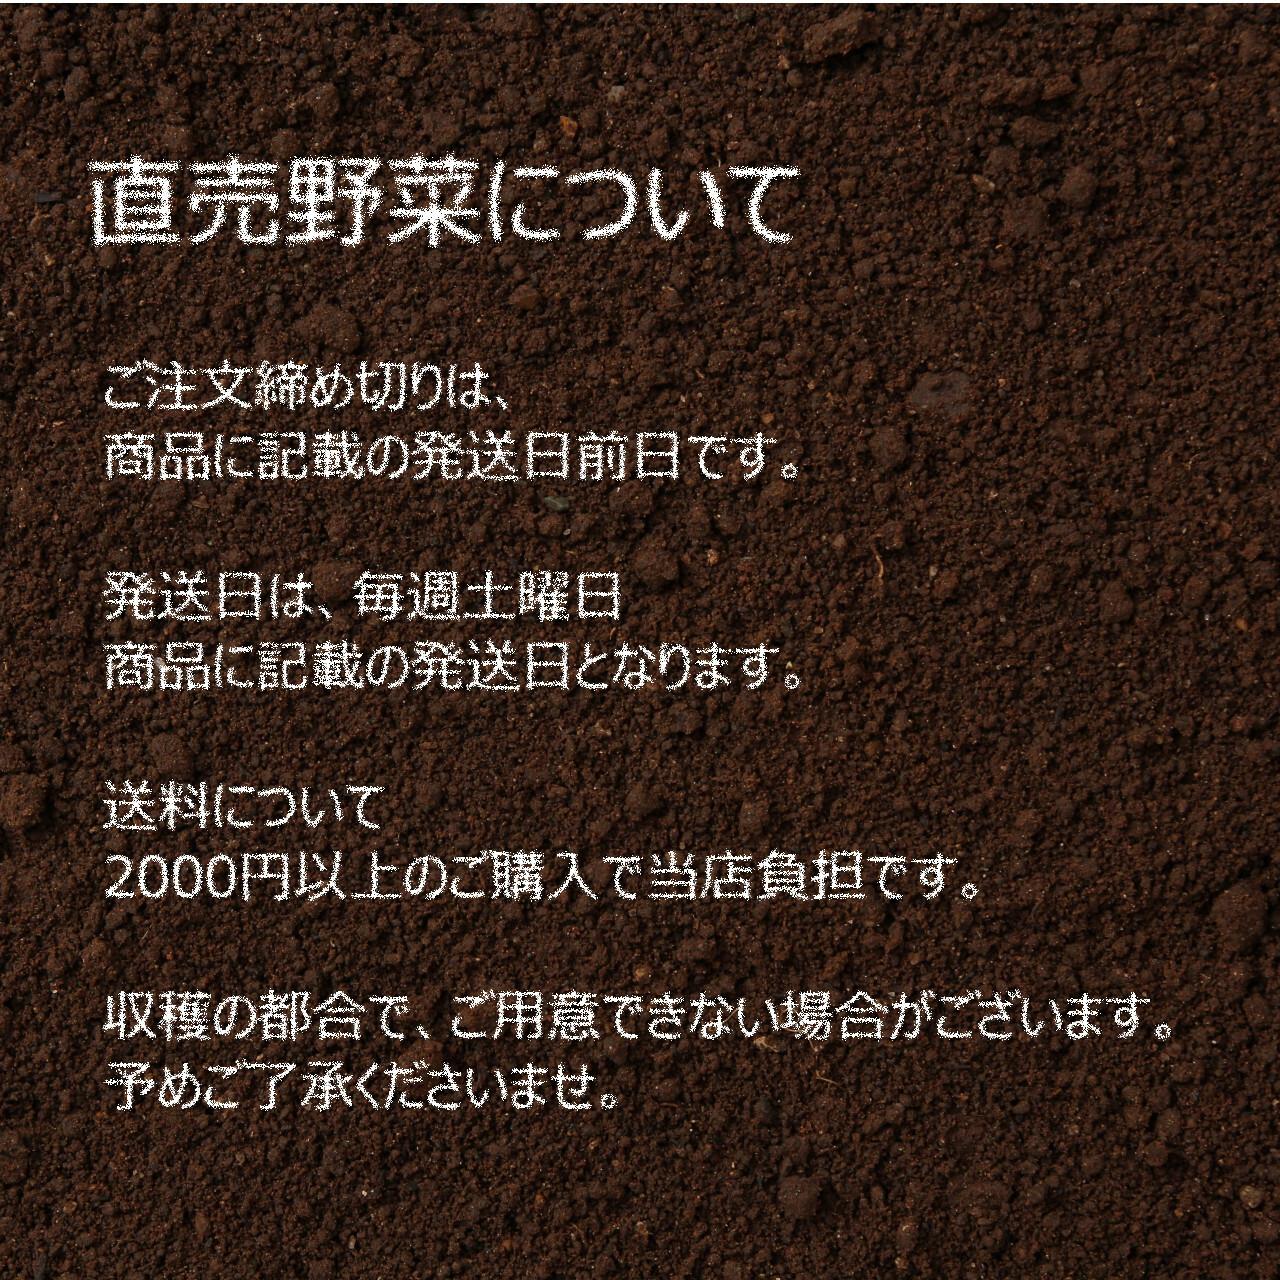 新鮮な秋野菜 : ブロッコリー 約 1個 11月の朝採り直売野菜 11月9日発送予定